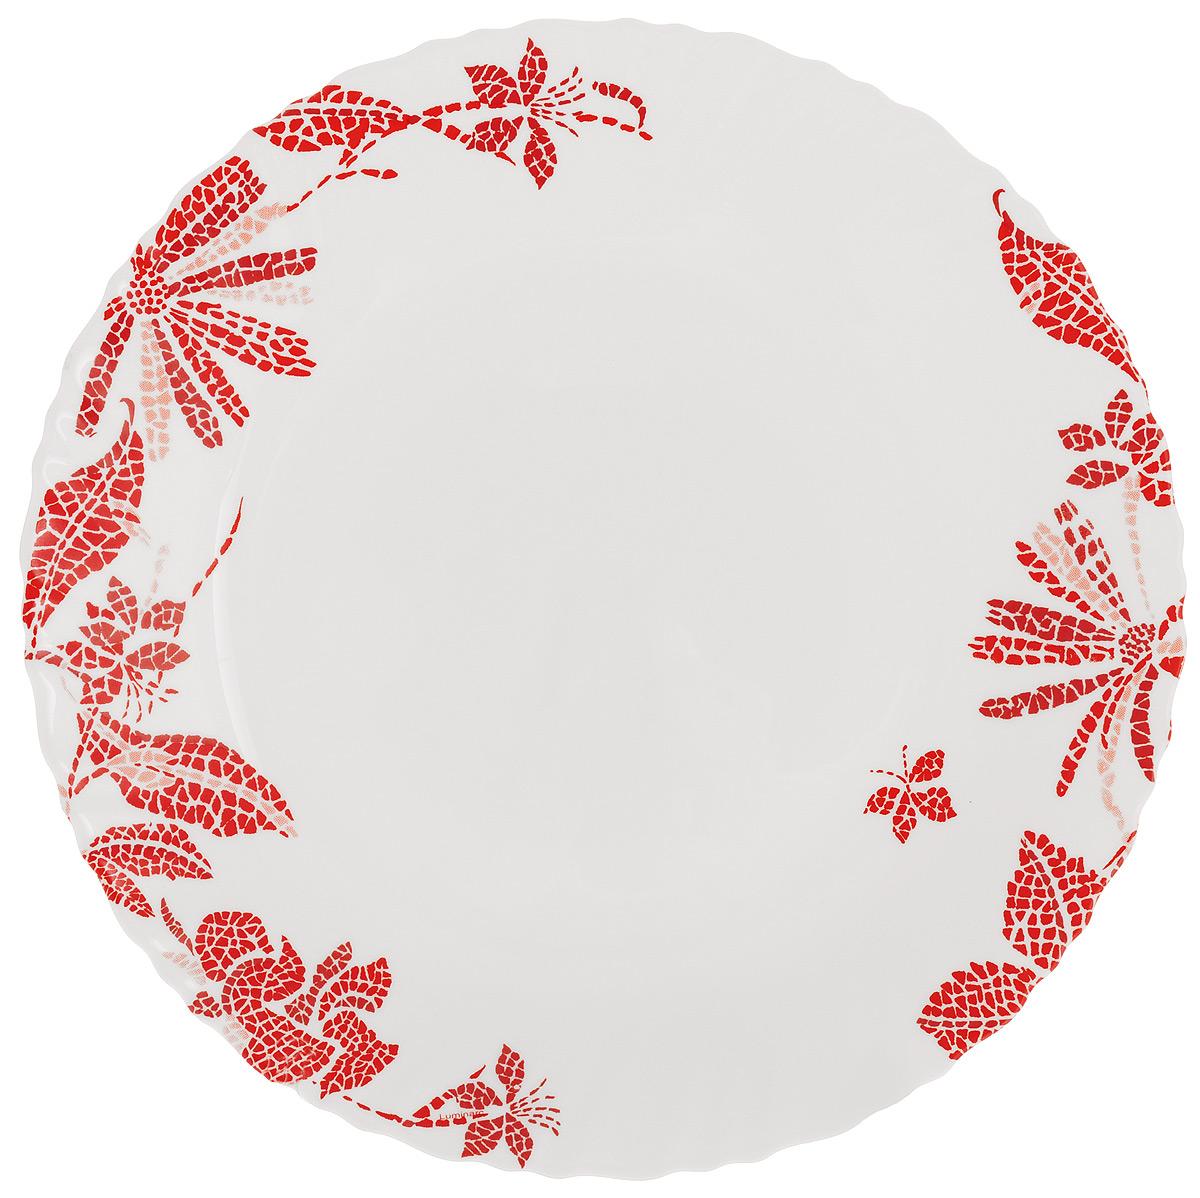 Тарелка обеденная Luminarc Romancia, диаметр 25 смH2393Обеденная тарелка Luminarc Romancia, изготовленная из высококачественного стекла, имеет изысканный внешний вид. Яркий дизайн придется по вкусу и ценителям классики, и тем, кто предпочитает утонченность. Тарелка Luminarc Romancia идеально подойдет для сервировки стола и станет отличным подарком к любому празднику. Диаметр (по верхнему краю): 25 см.